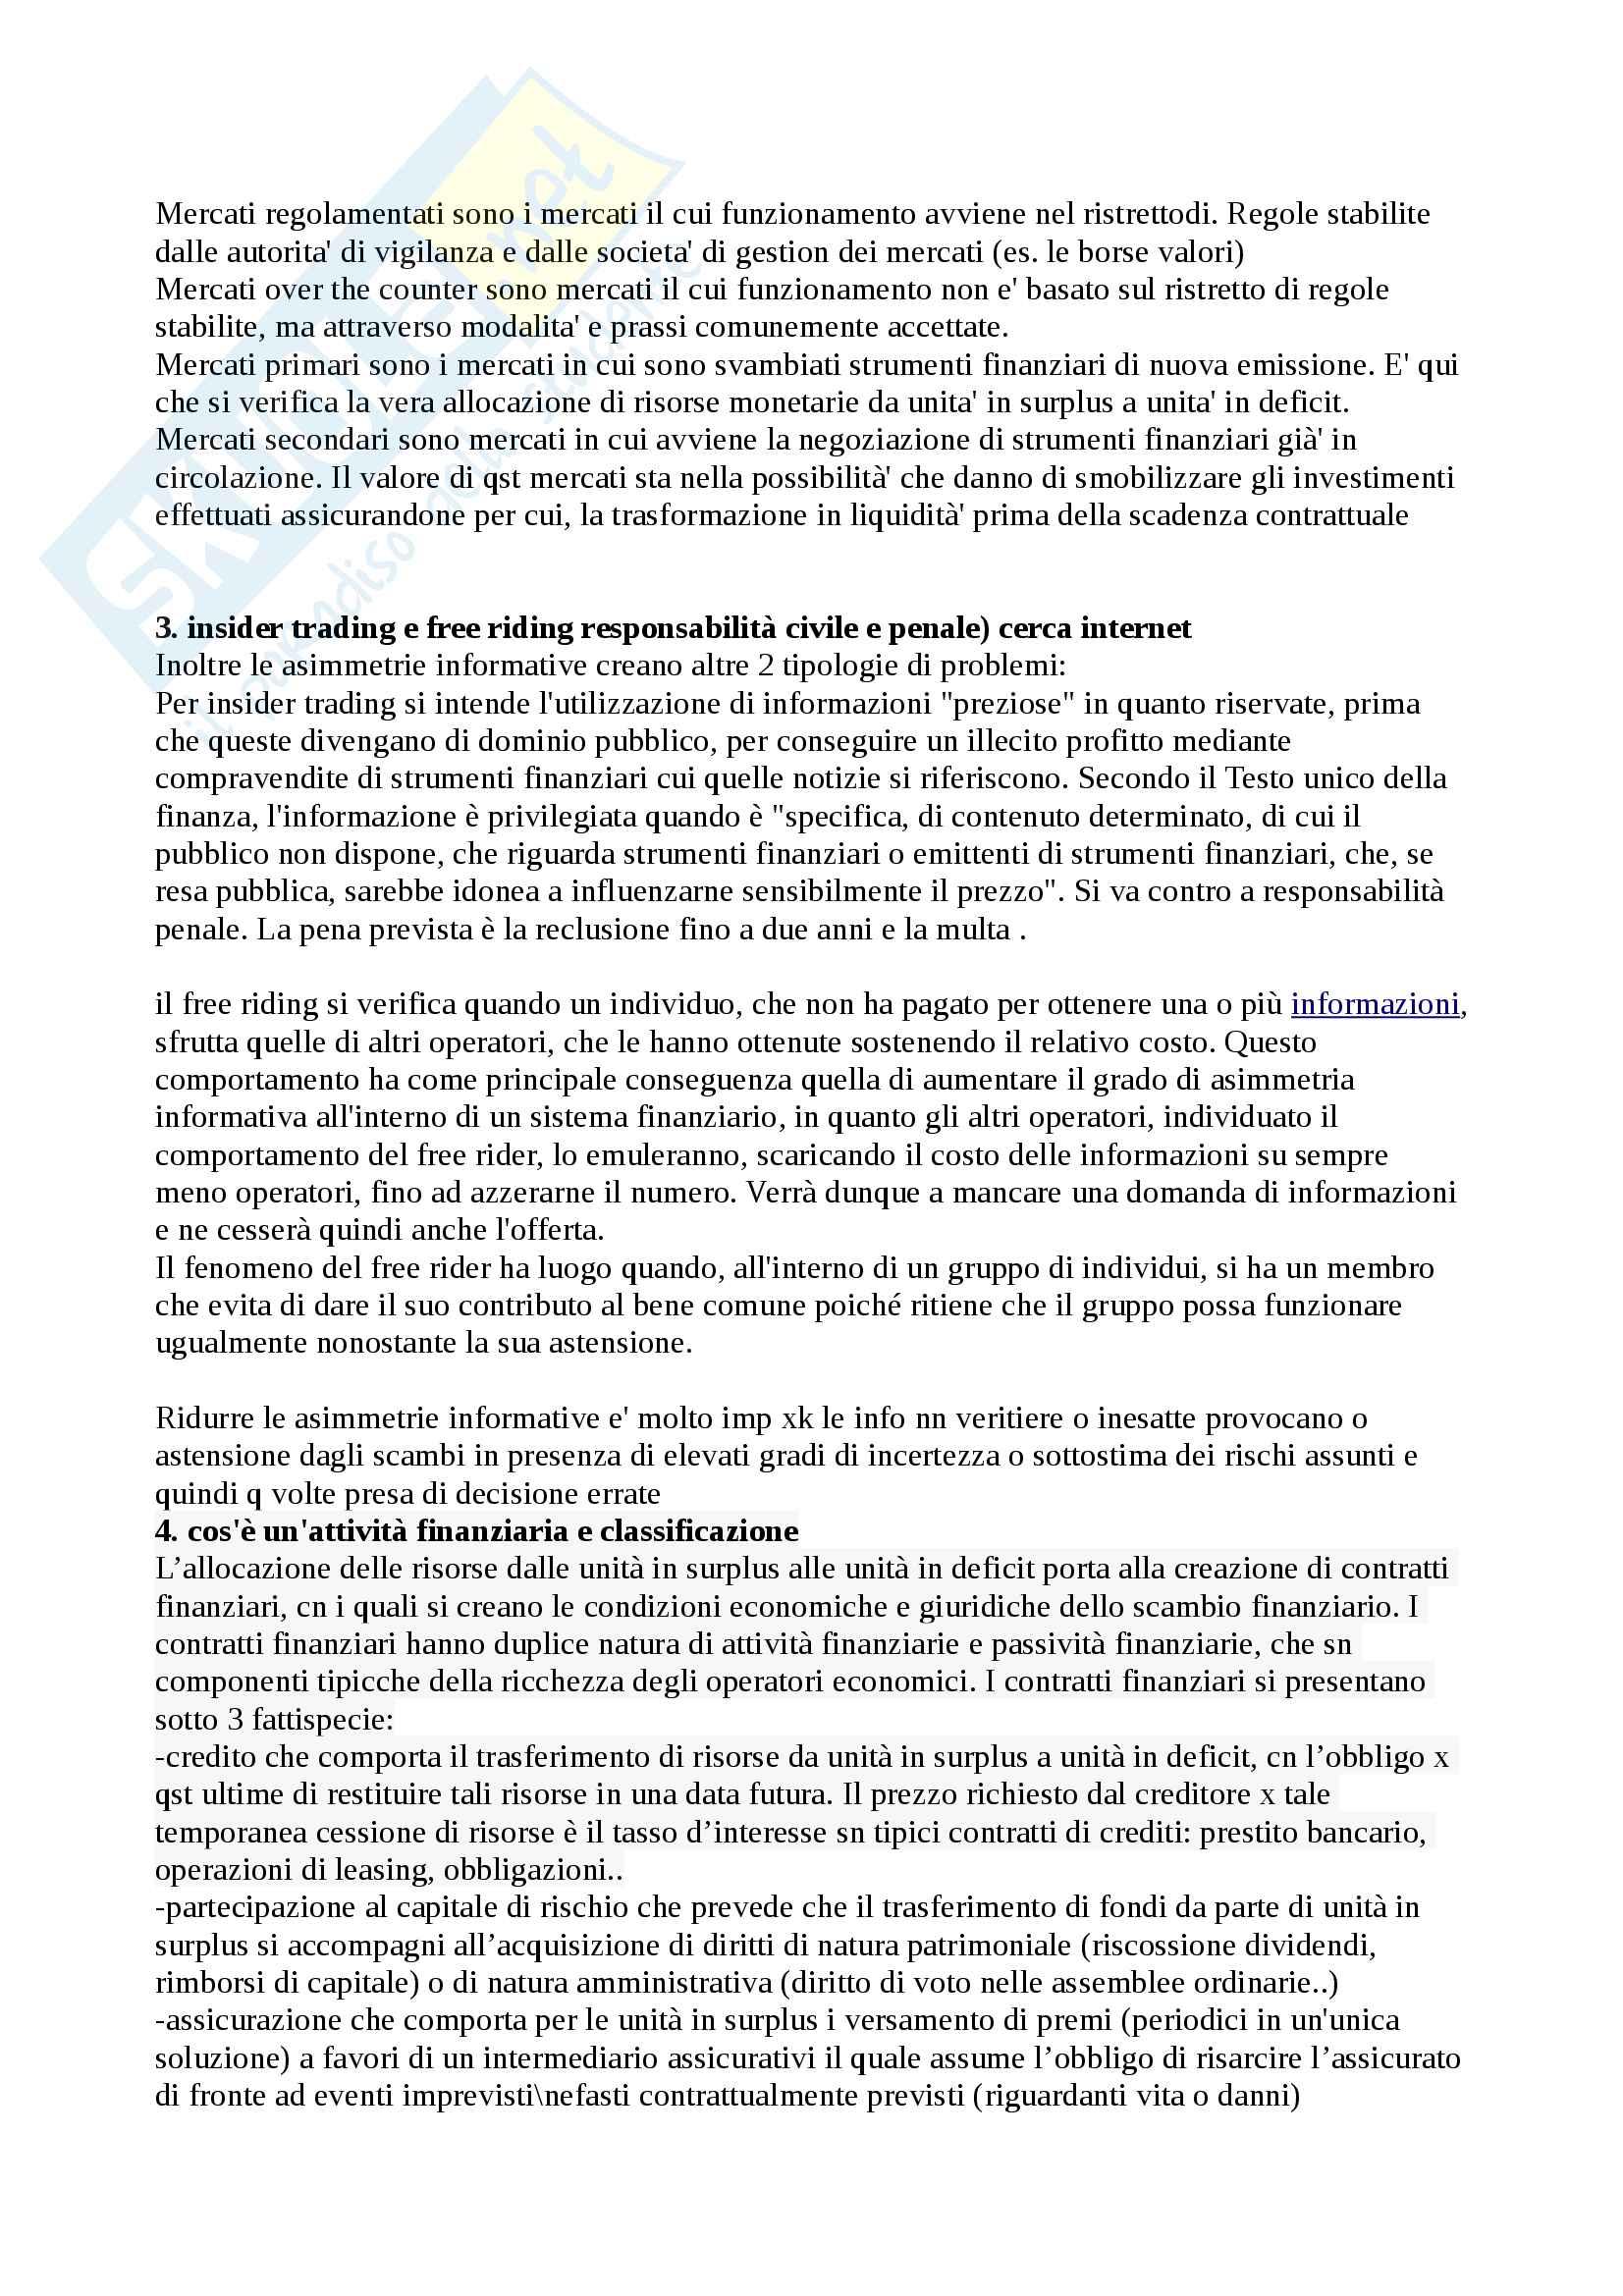 Domande e risposte Economia degli intermediari finanziari Pag. 2